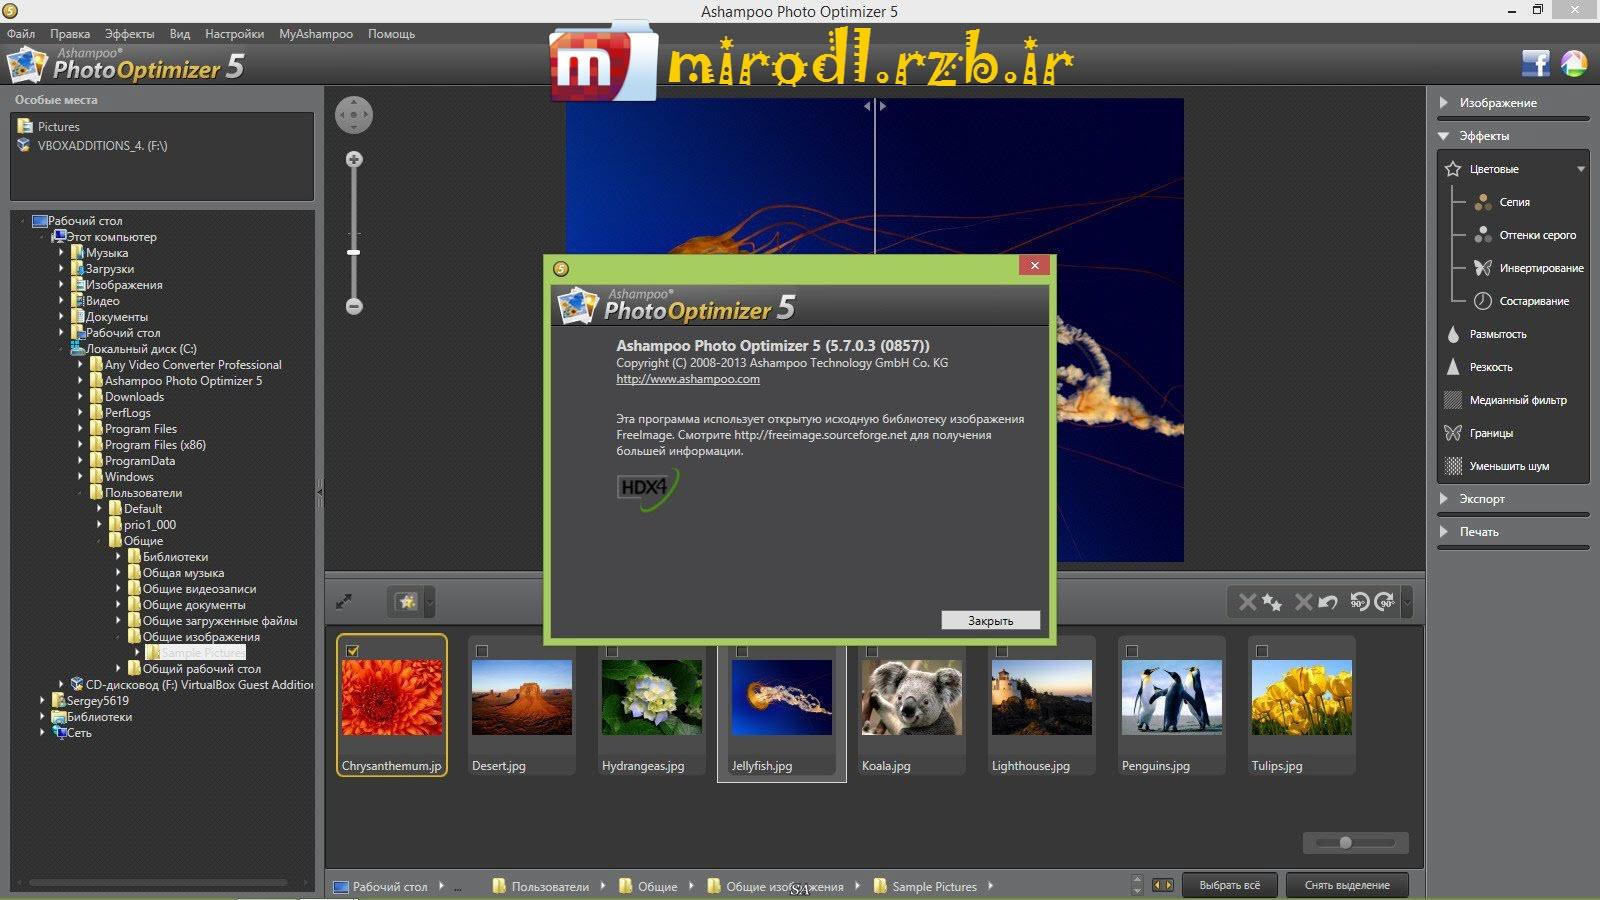 نرم افزار بهینه سازی و ترمیم تصاویر Ashampoo Photo Optimizer 5-7-0-3